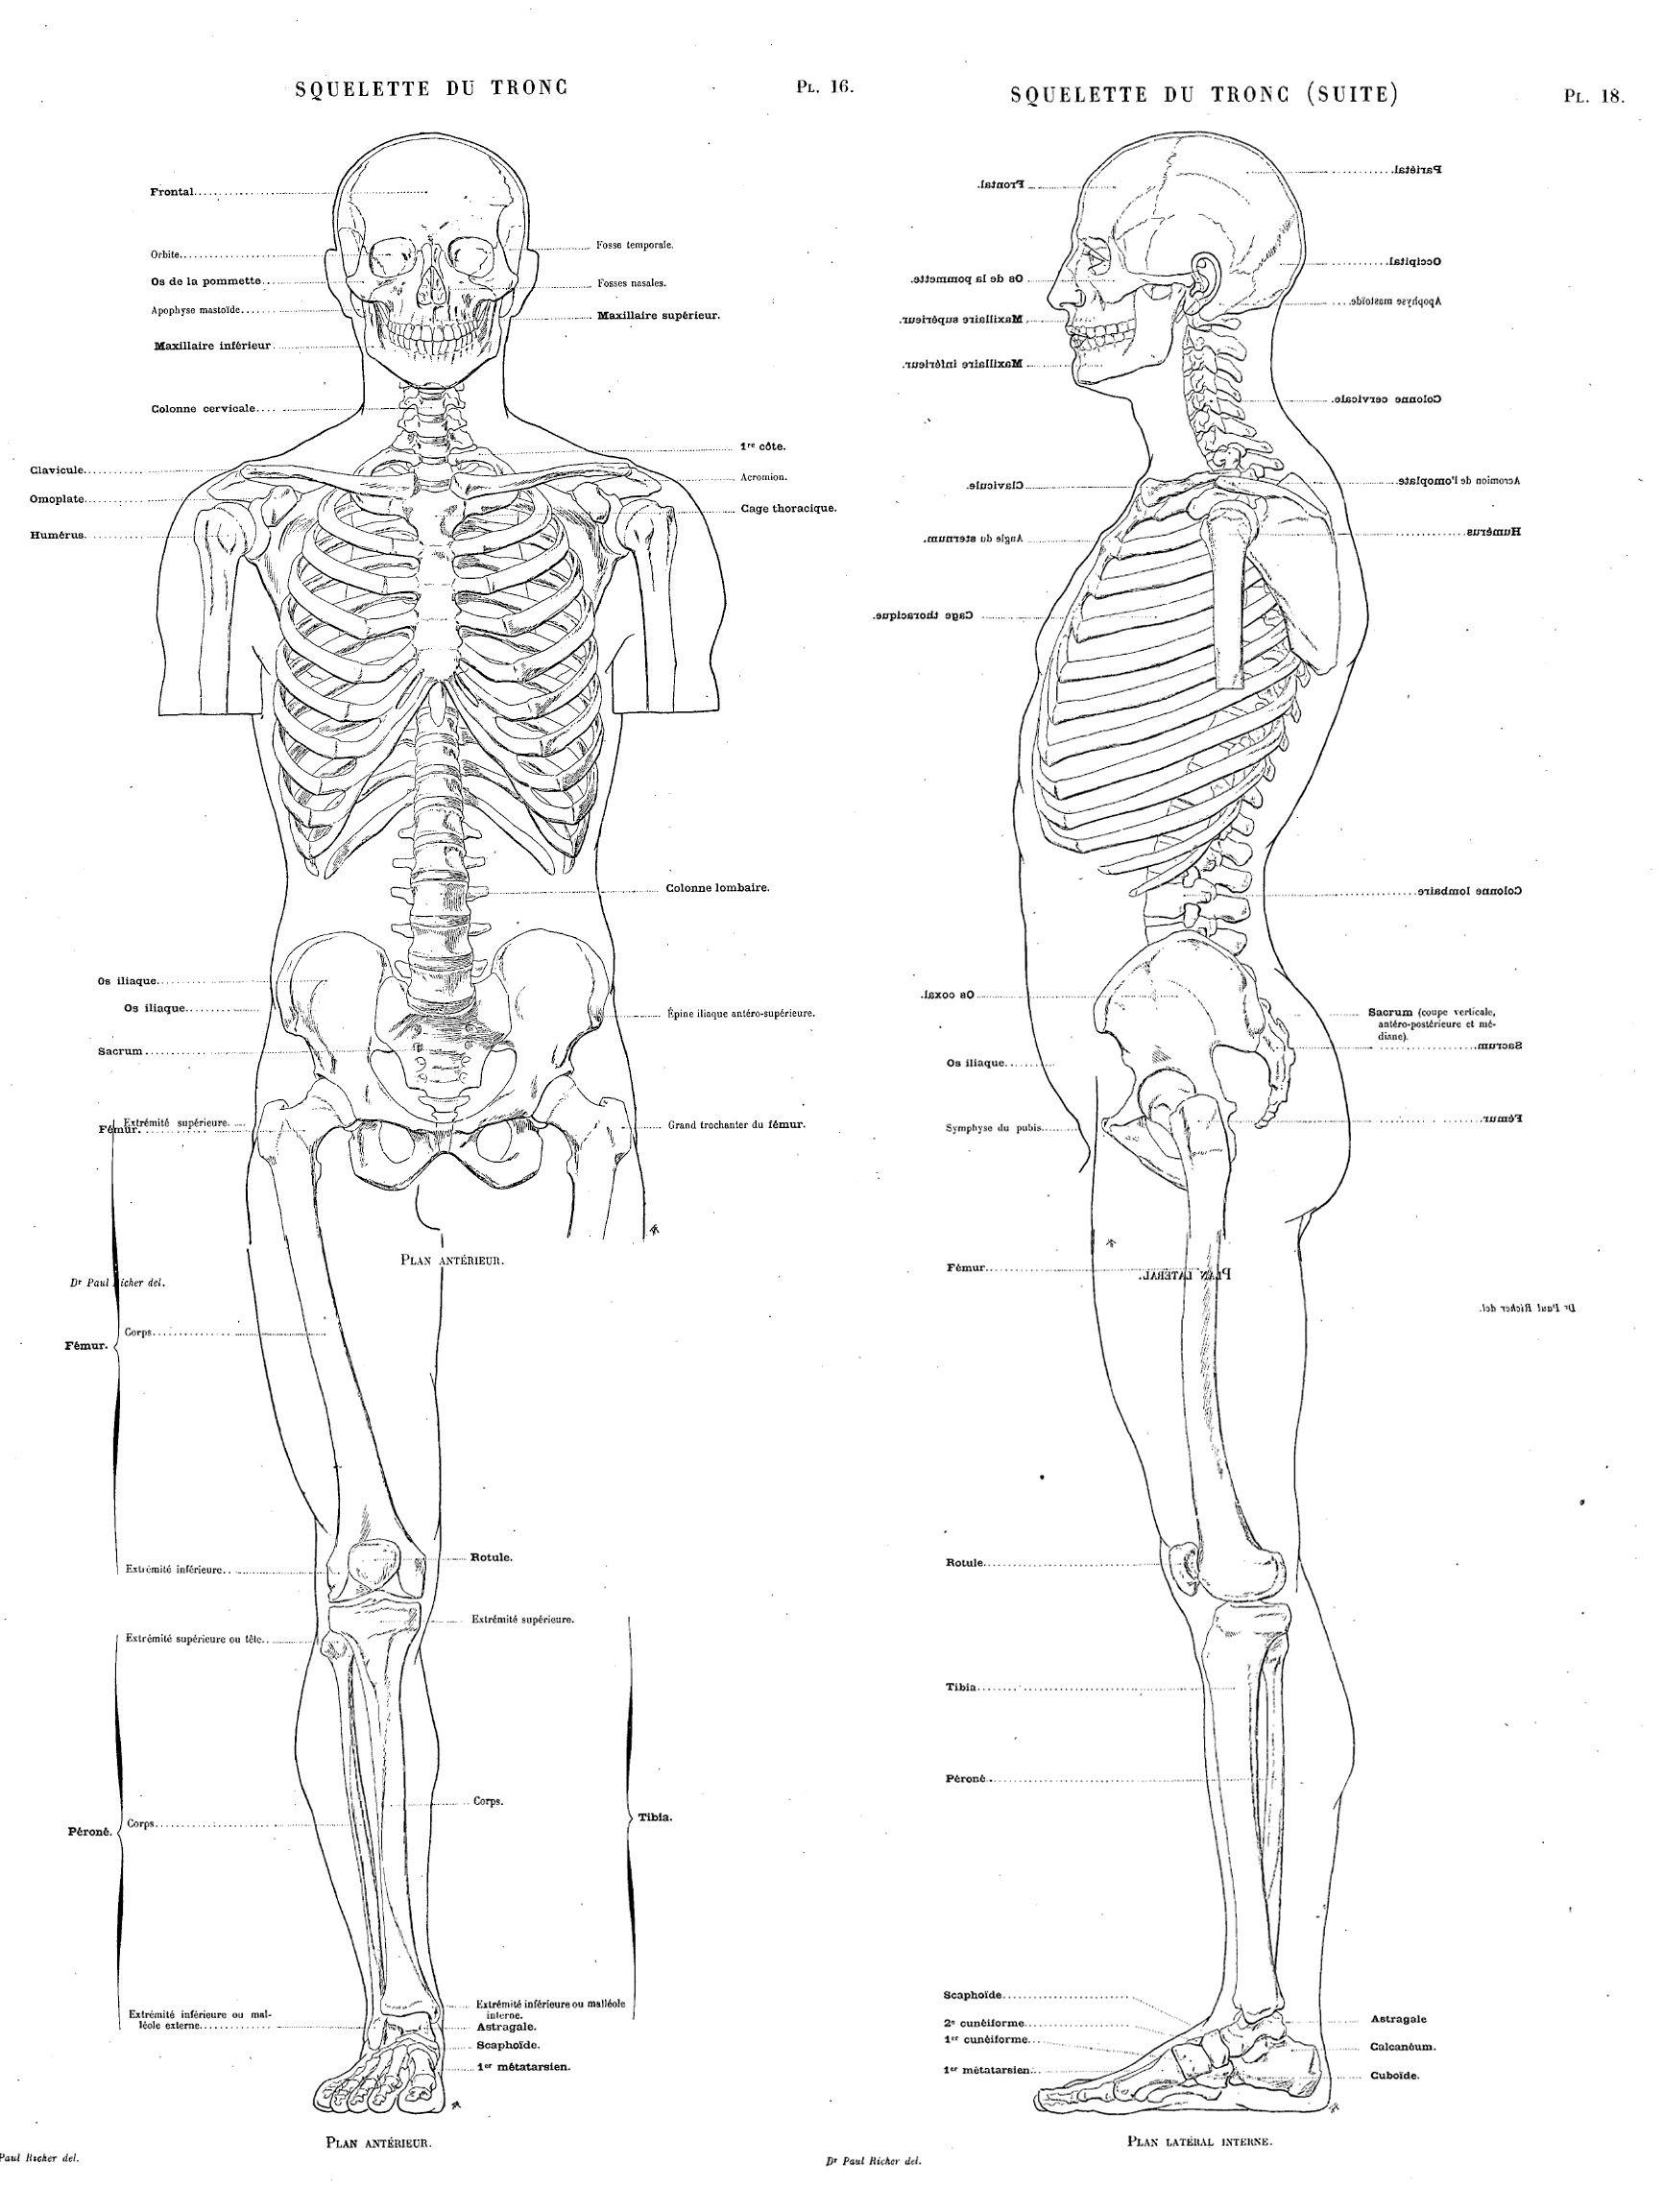 Artistic Anatomy - Paul Richer : Full Body | Art | Pinterest ...